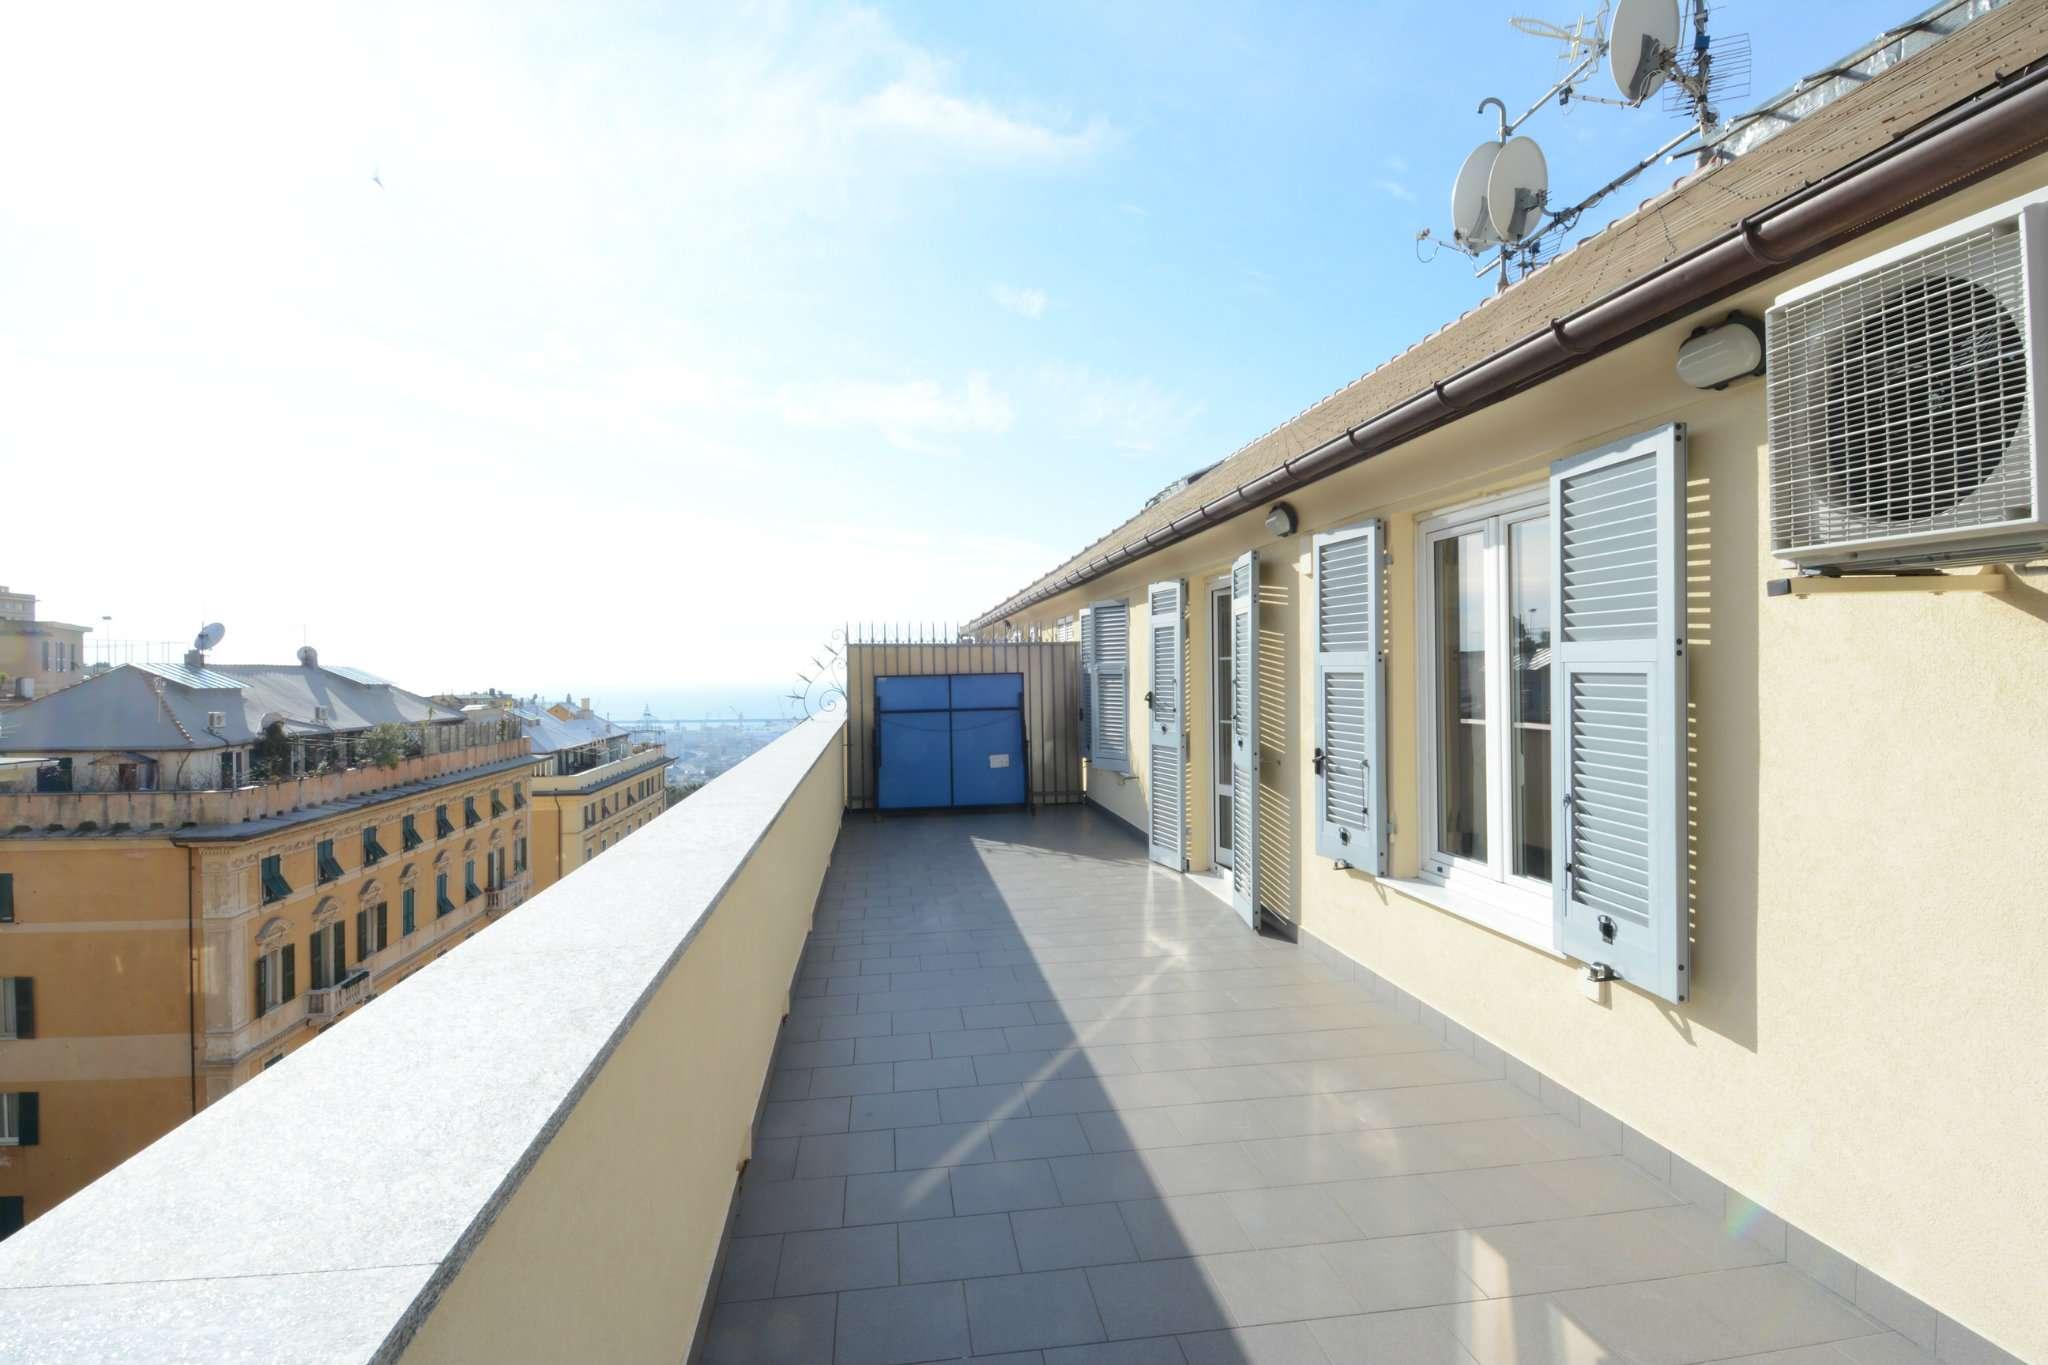 Attico / Mansarda in vendita a Genova, 6 locali, prezzo € 360.000 | PortaleAgenzieImmobiliari.it